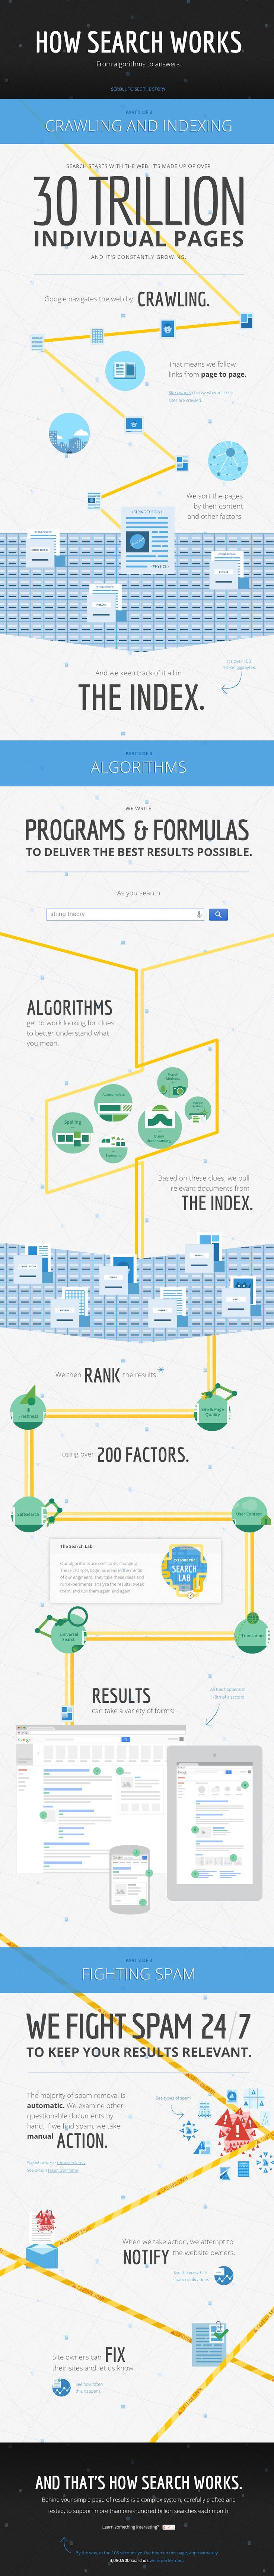 Cómo explica Google el funcionamiento de su buscador #infografia (interactiva) #infographic #internet